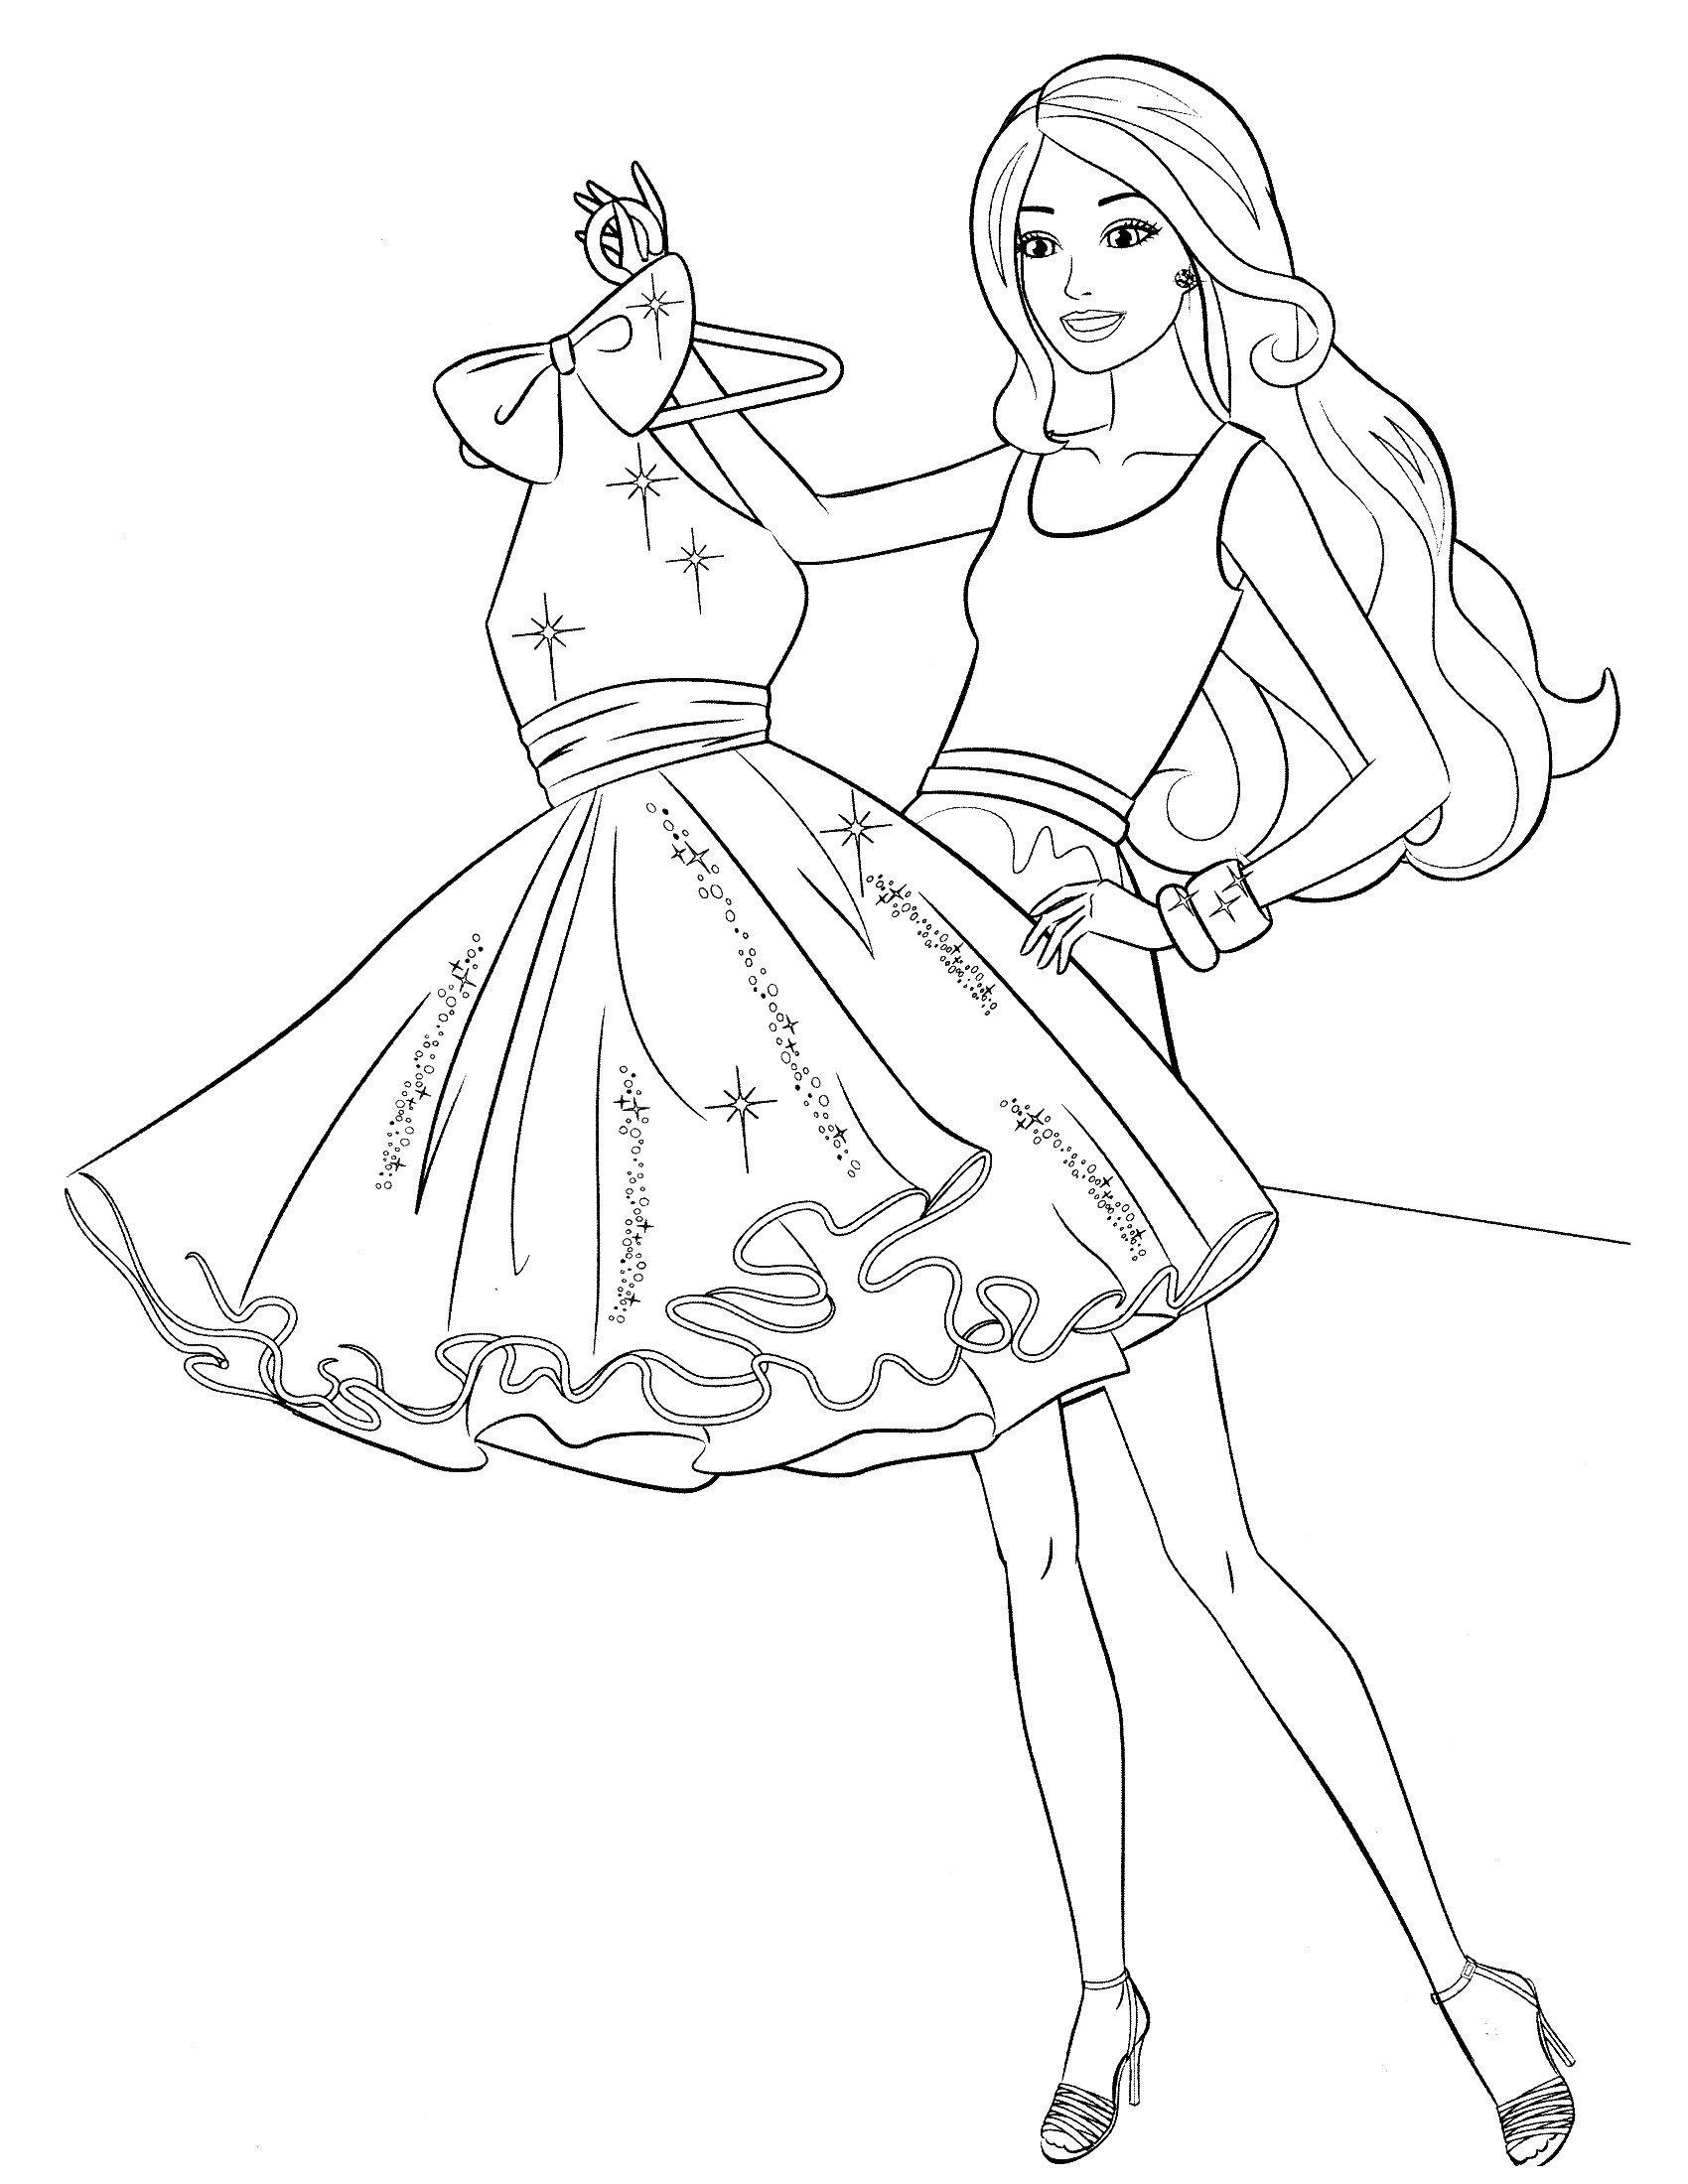 Картинка для раскраски «Короткое платье Барби»